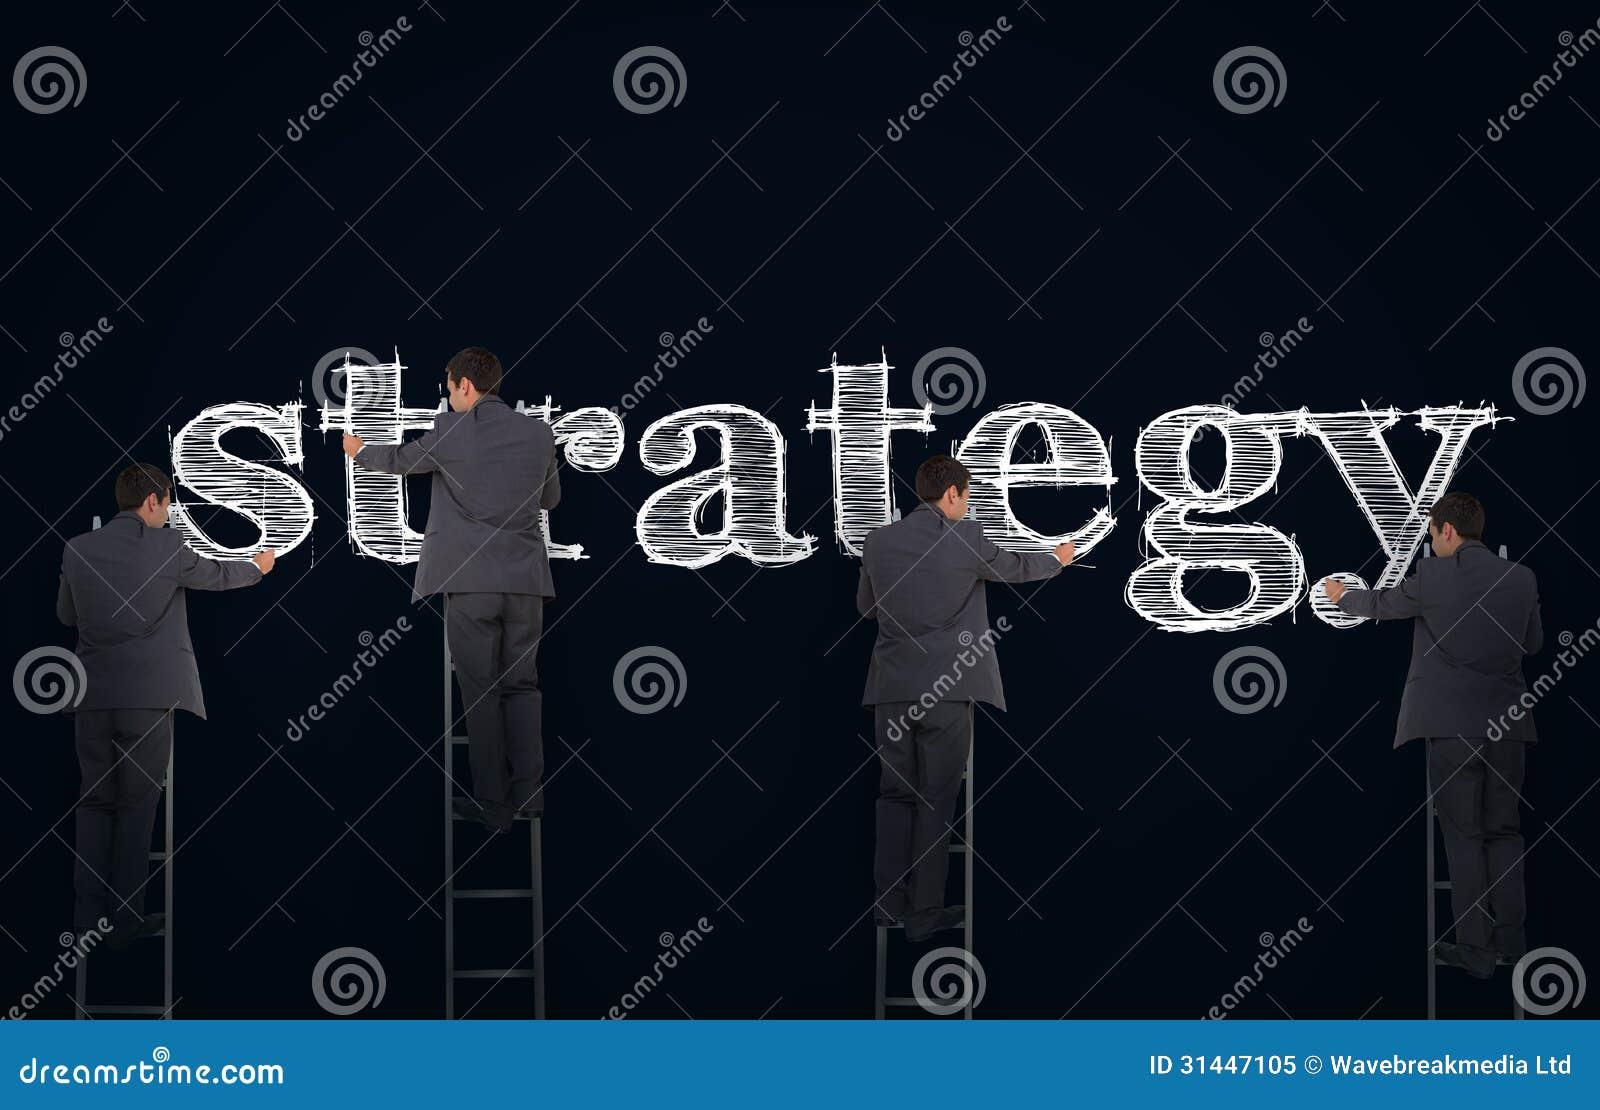 Veelvoudig beeld van een zakenman het schrijven strategie